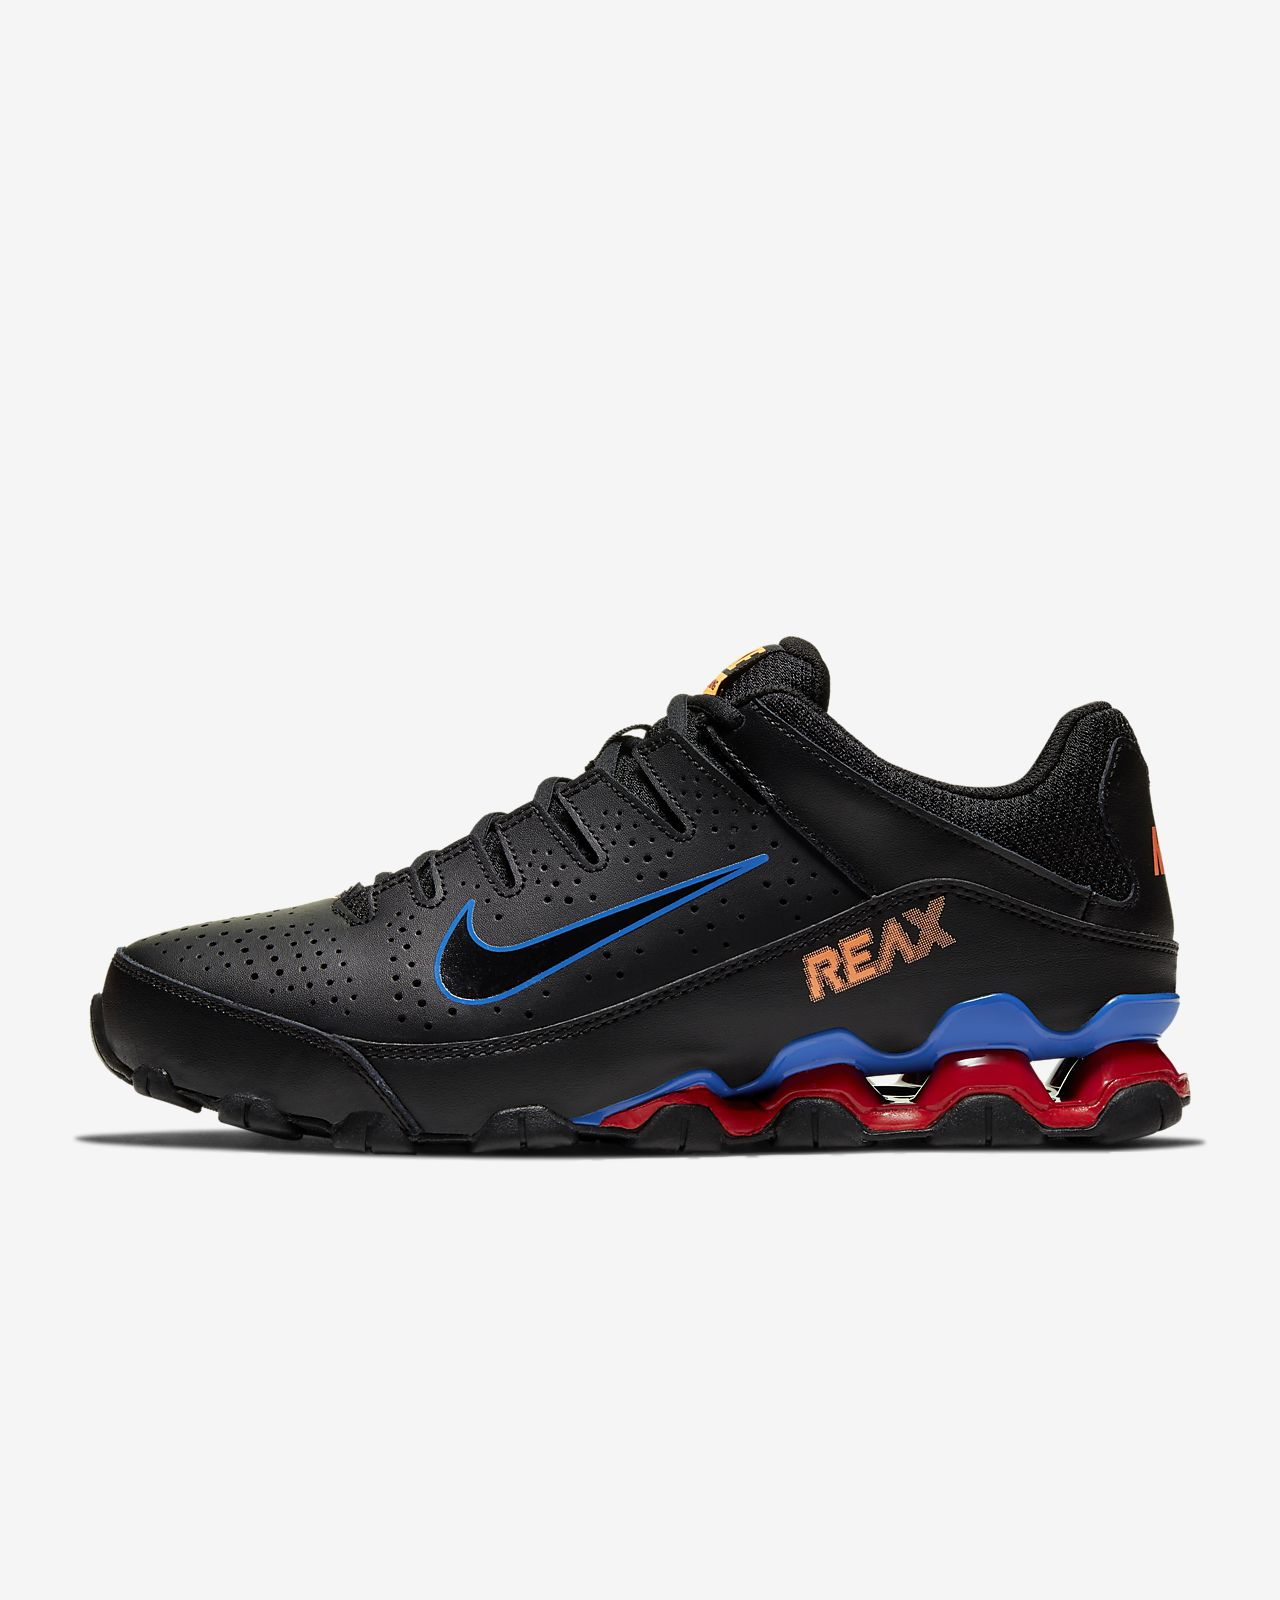 Shop at low price Mens Nike Air Max 97